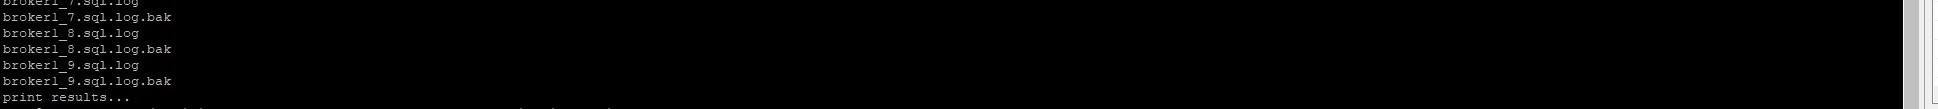 sql_log2.jpg